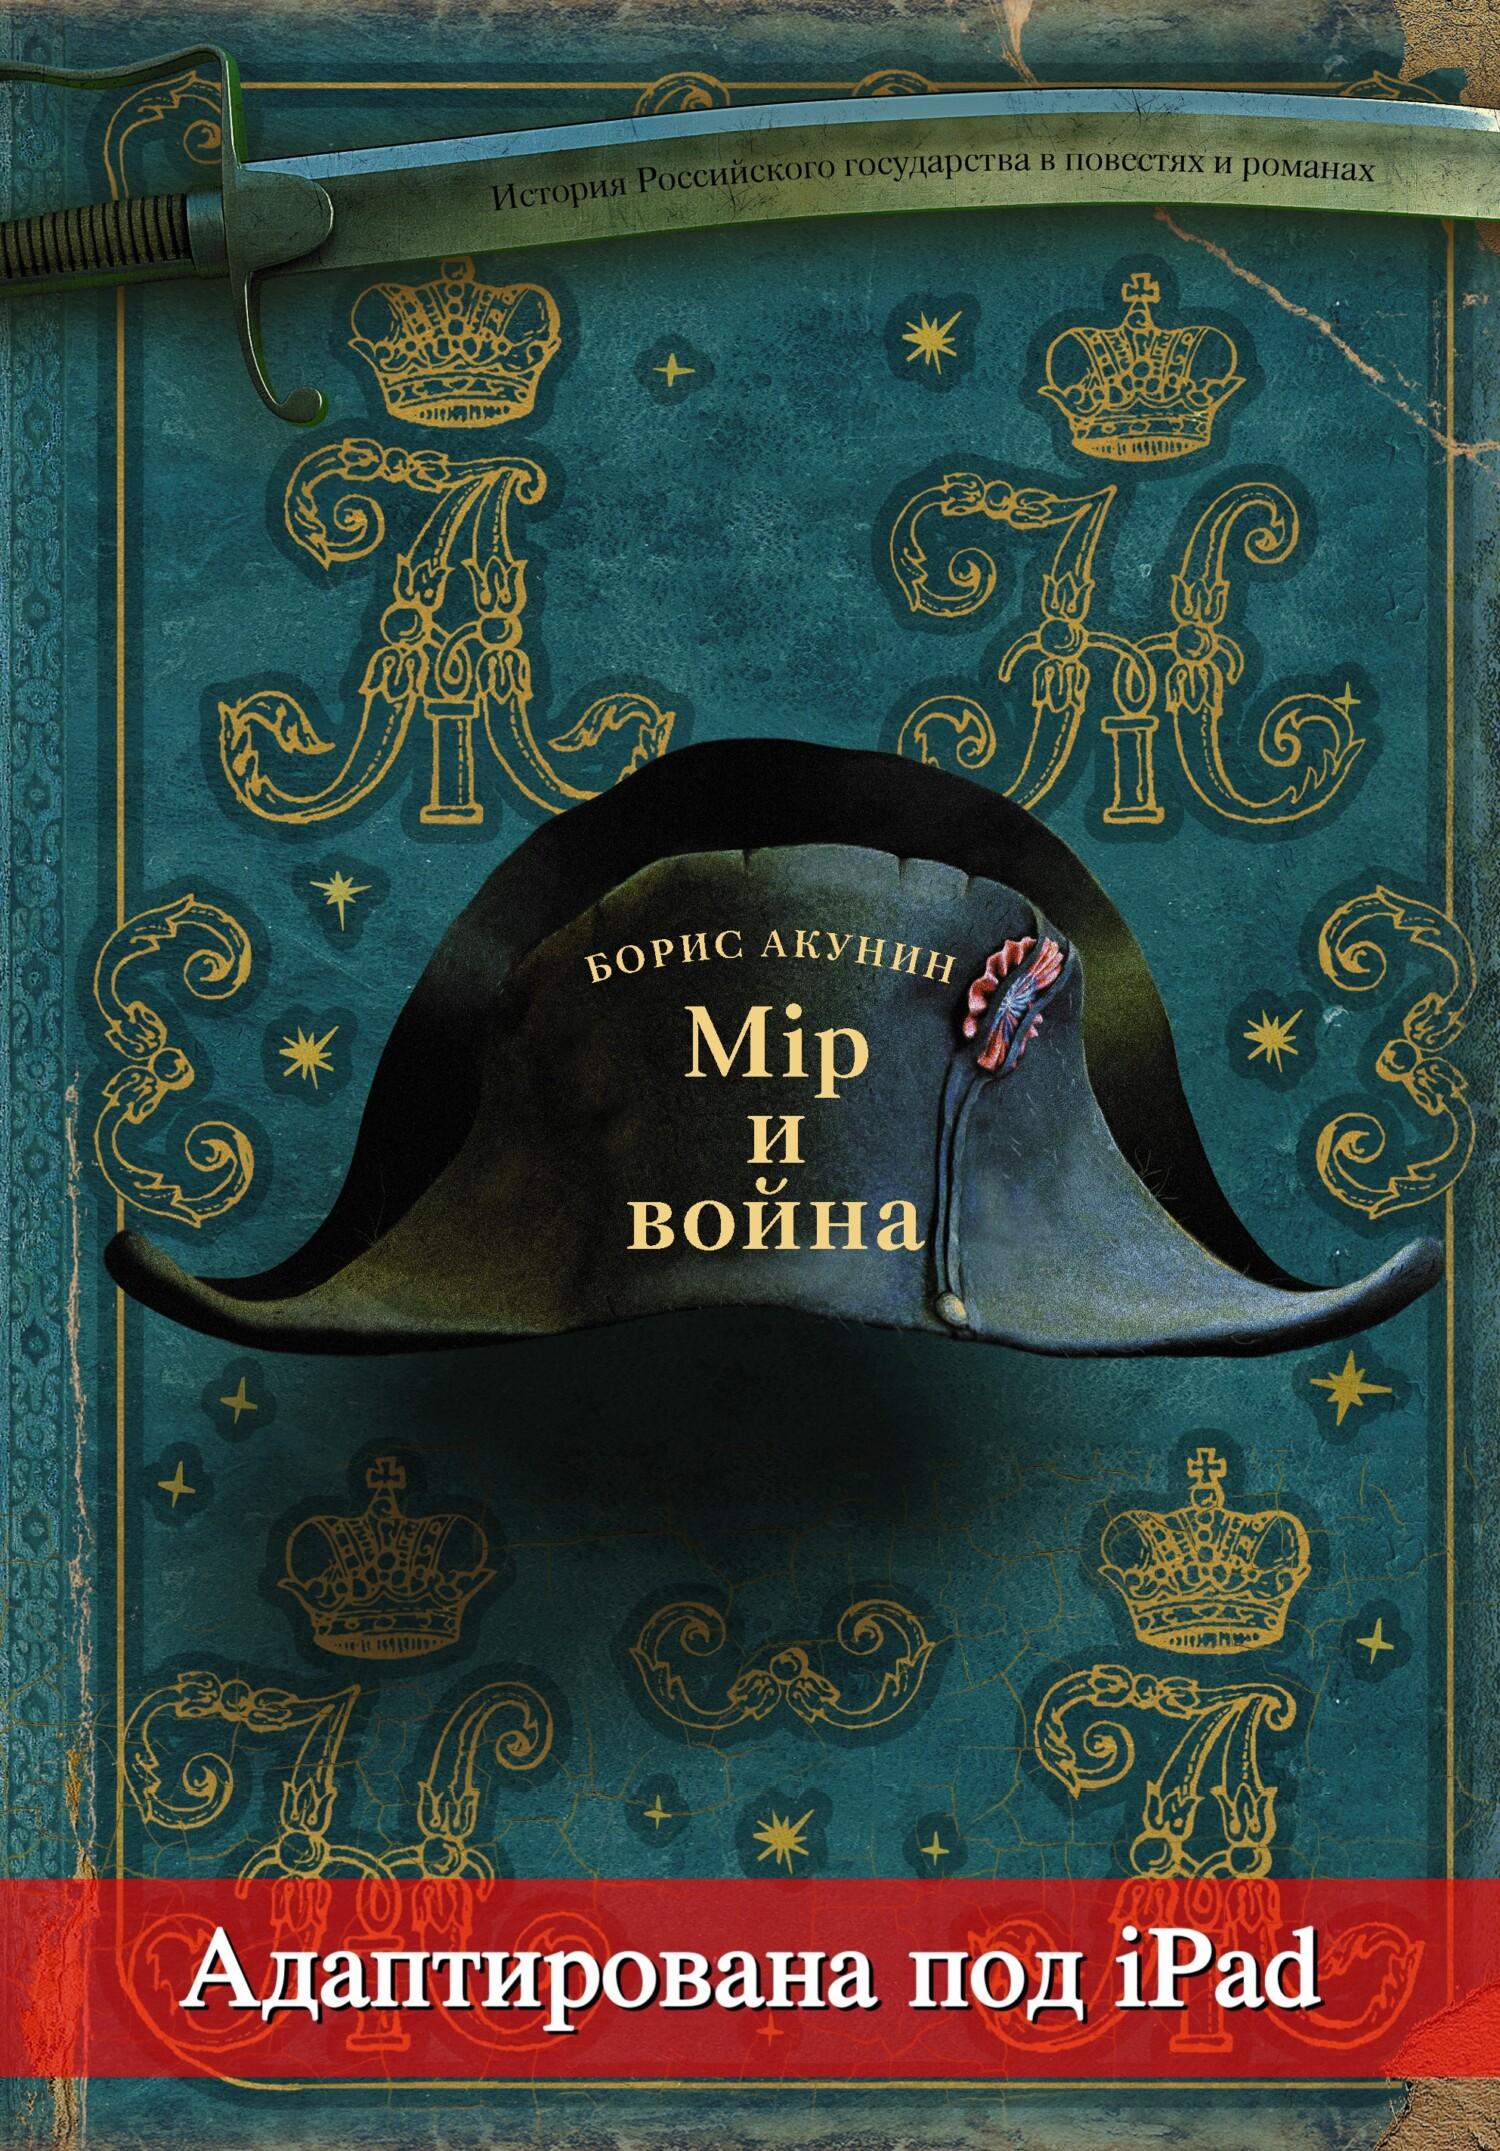 Борис Акунин - Мир и война (адаптирована под iPad)